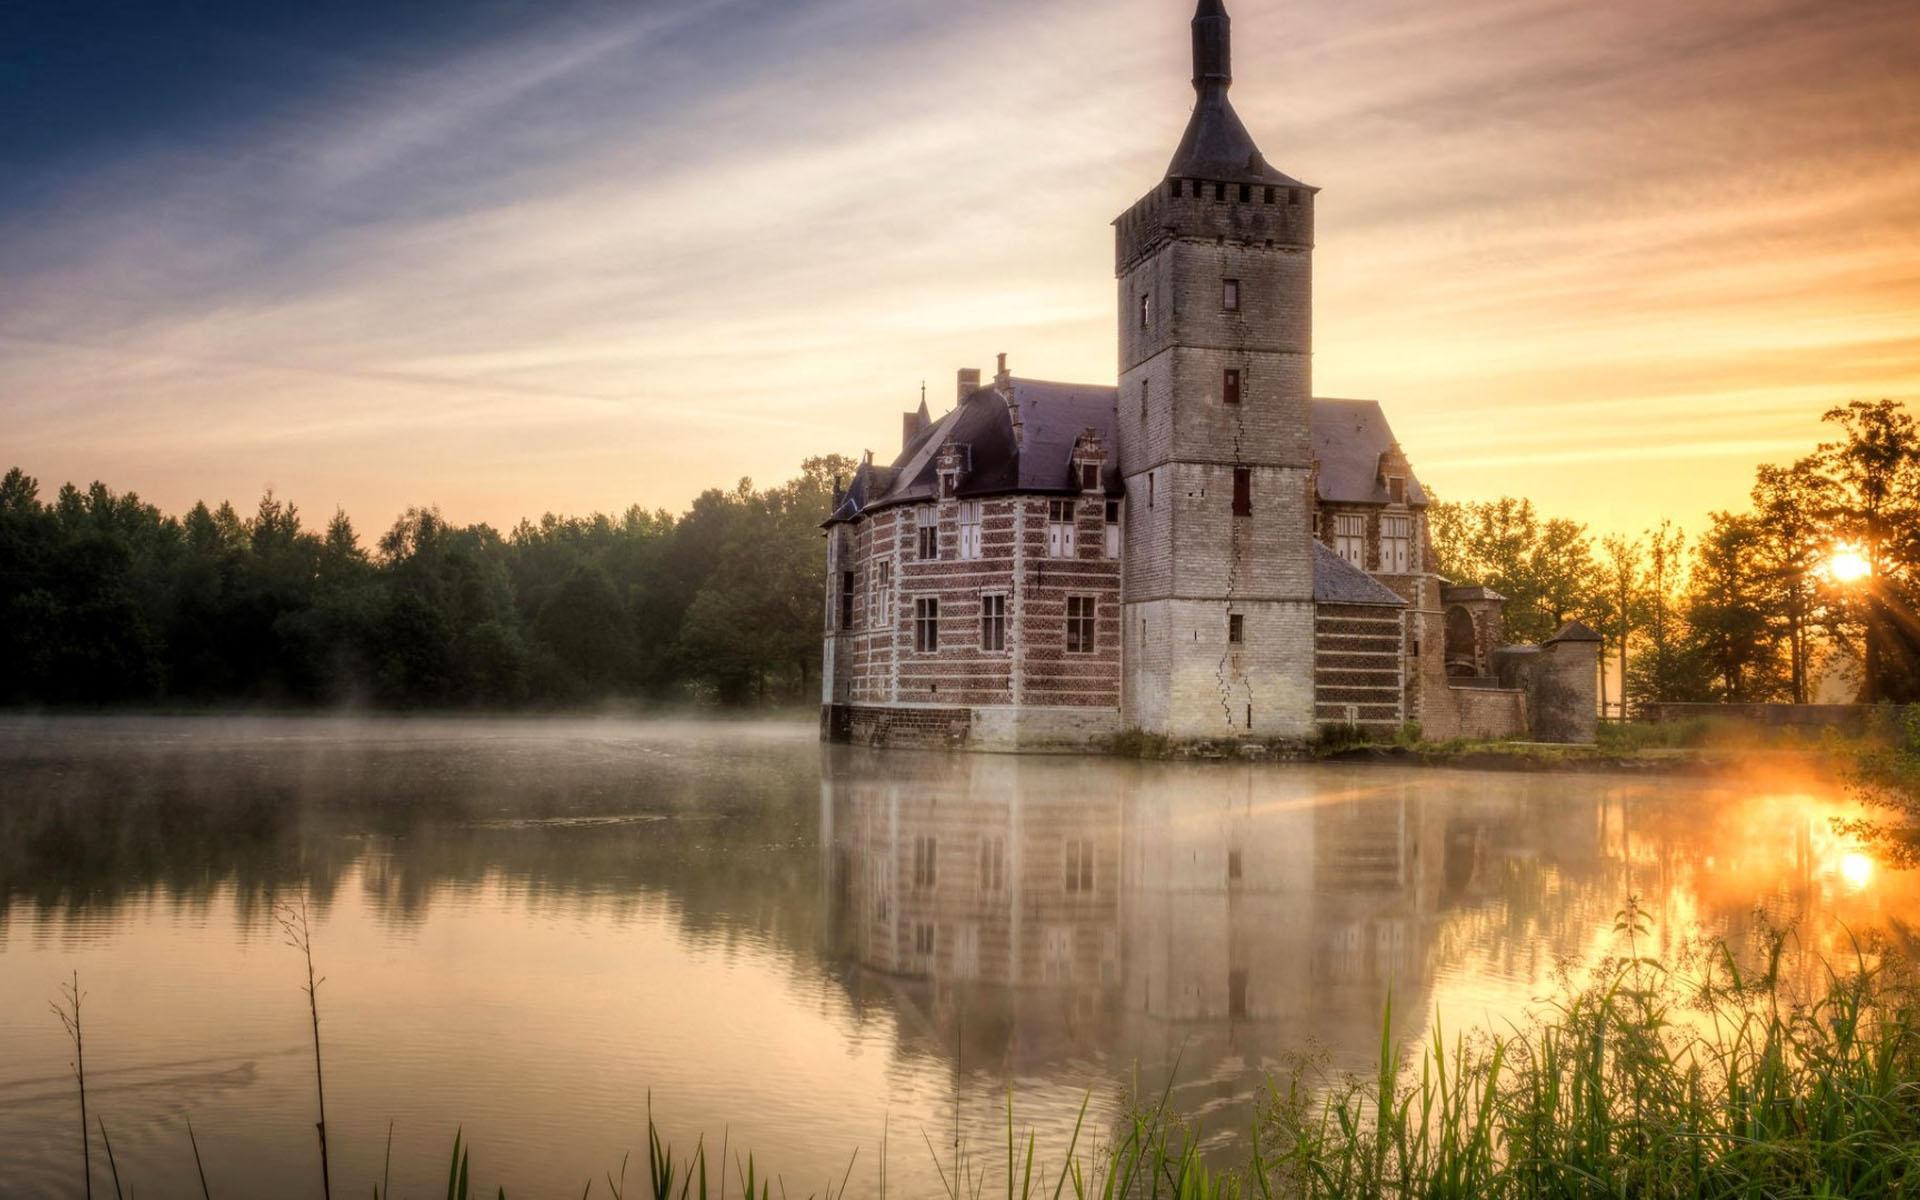 比利时布鲁塞尔风景图片电脑壁纸